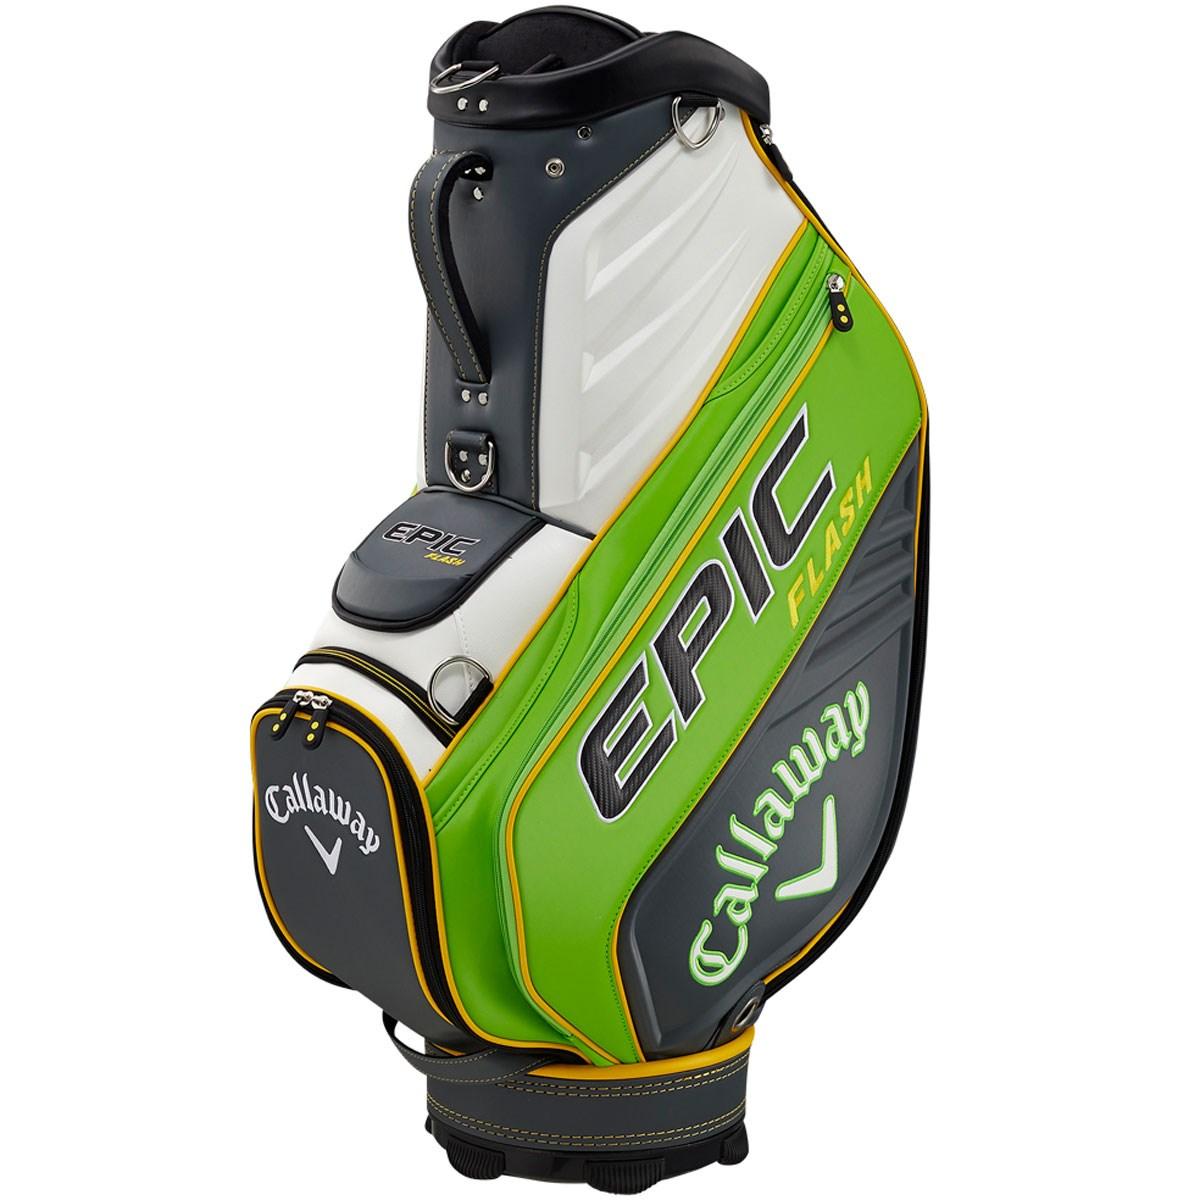 キャロウェイゴルフ(Callaway Golf) STF EPIC FLASH 2019 キャディバッグ